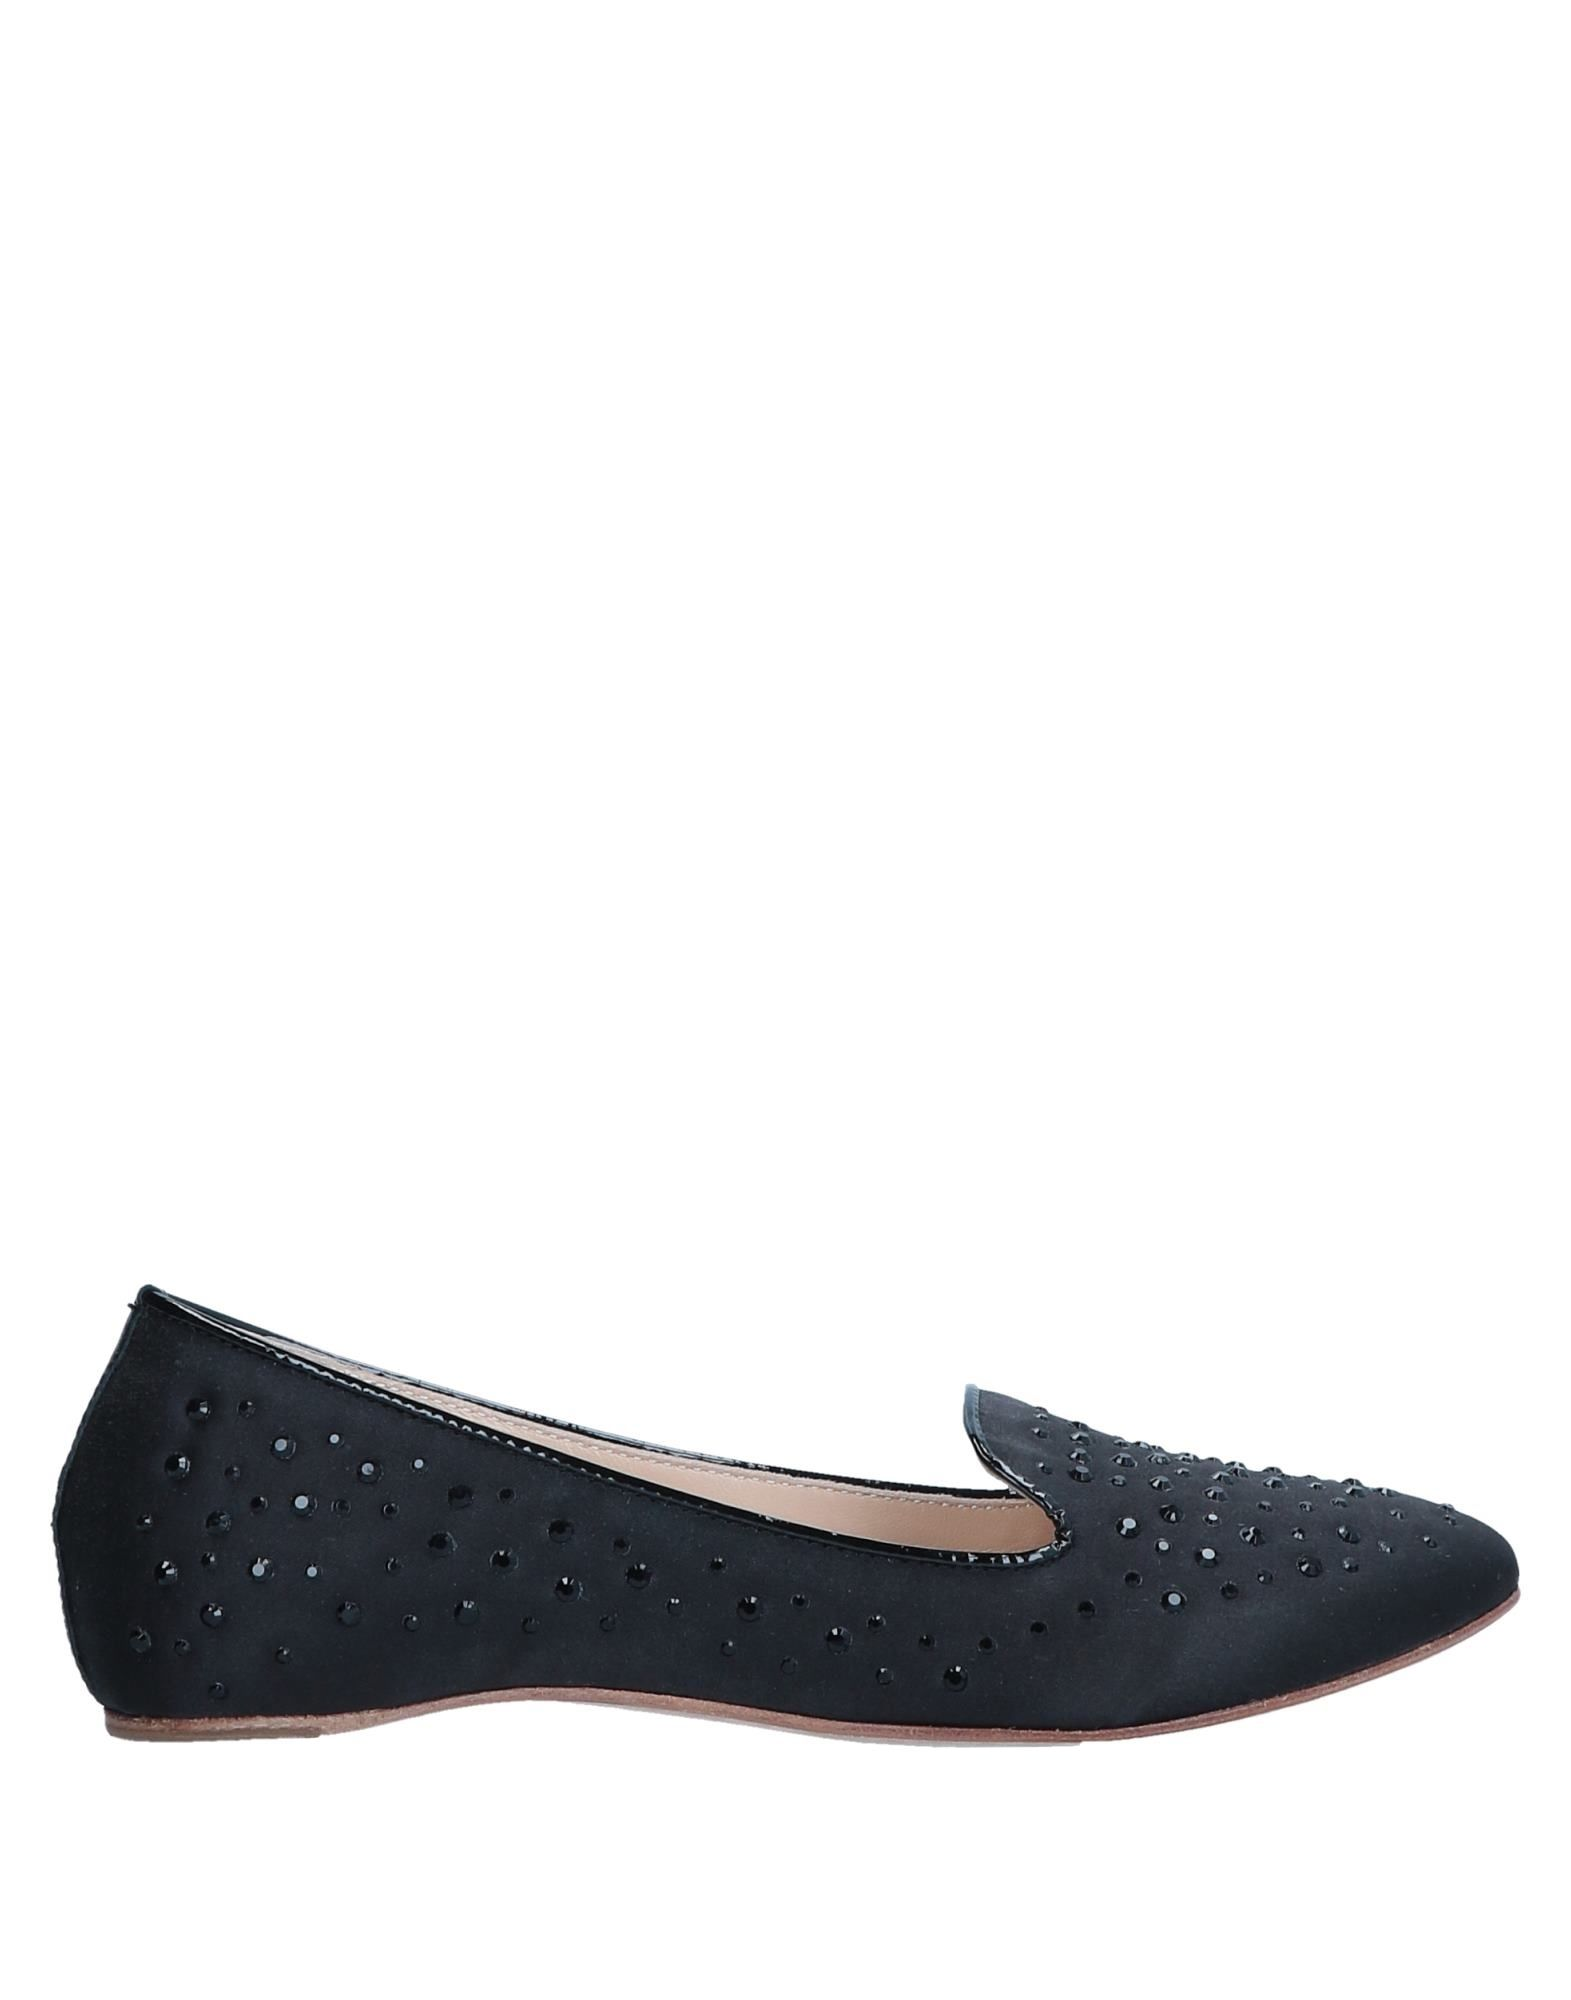 Andrea Morelli Mokassins Damen  11557611NS Gute Qualität beliebte Schuhe